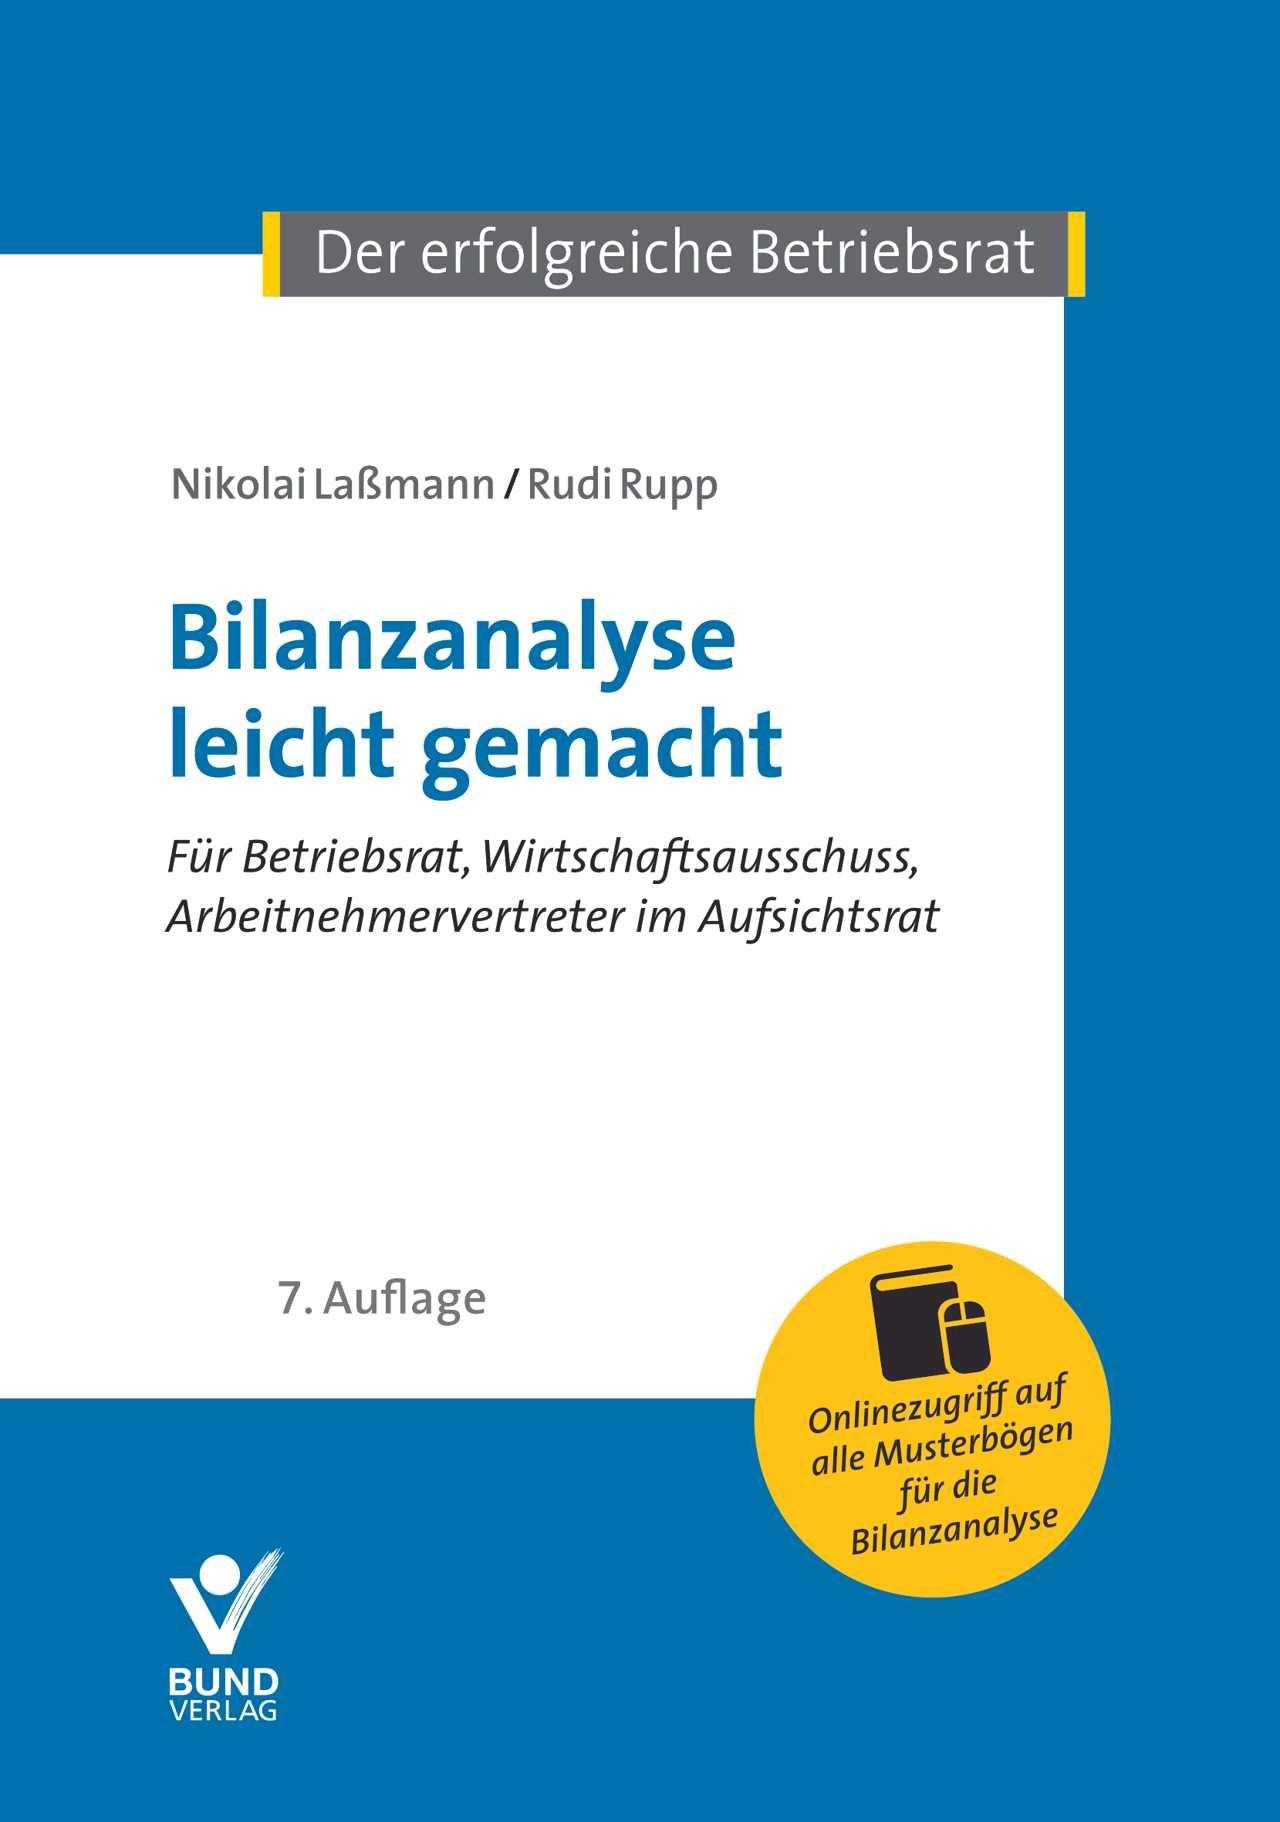 Bilanzanalyse leicht gemacht | Laßmann / Rupp | 7. Auflage., 2017 | Buch (Cover)